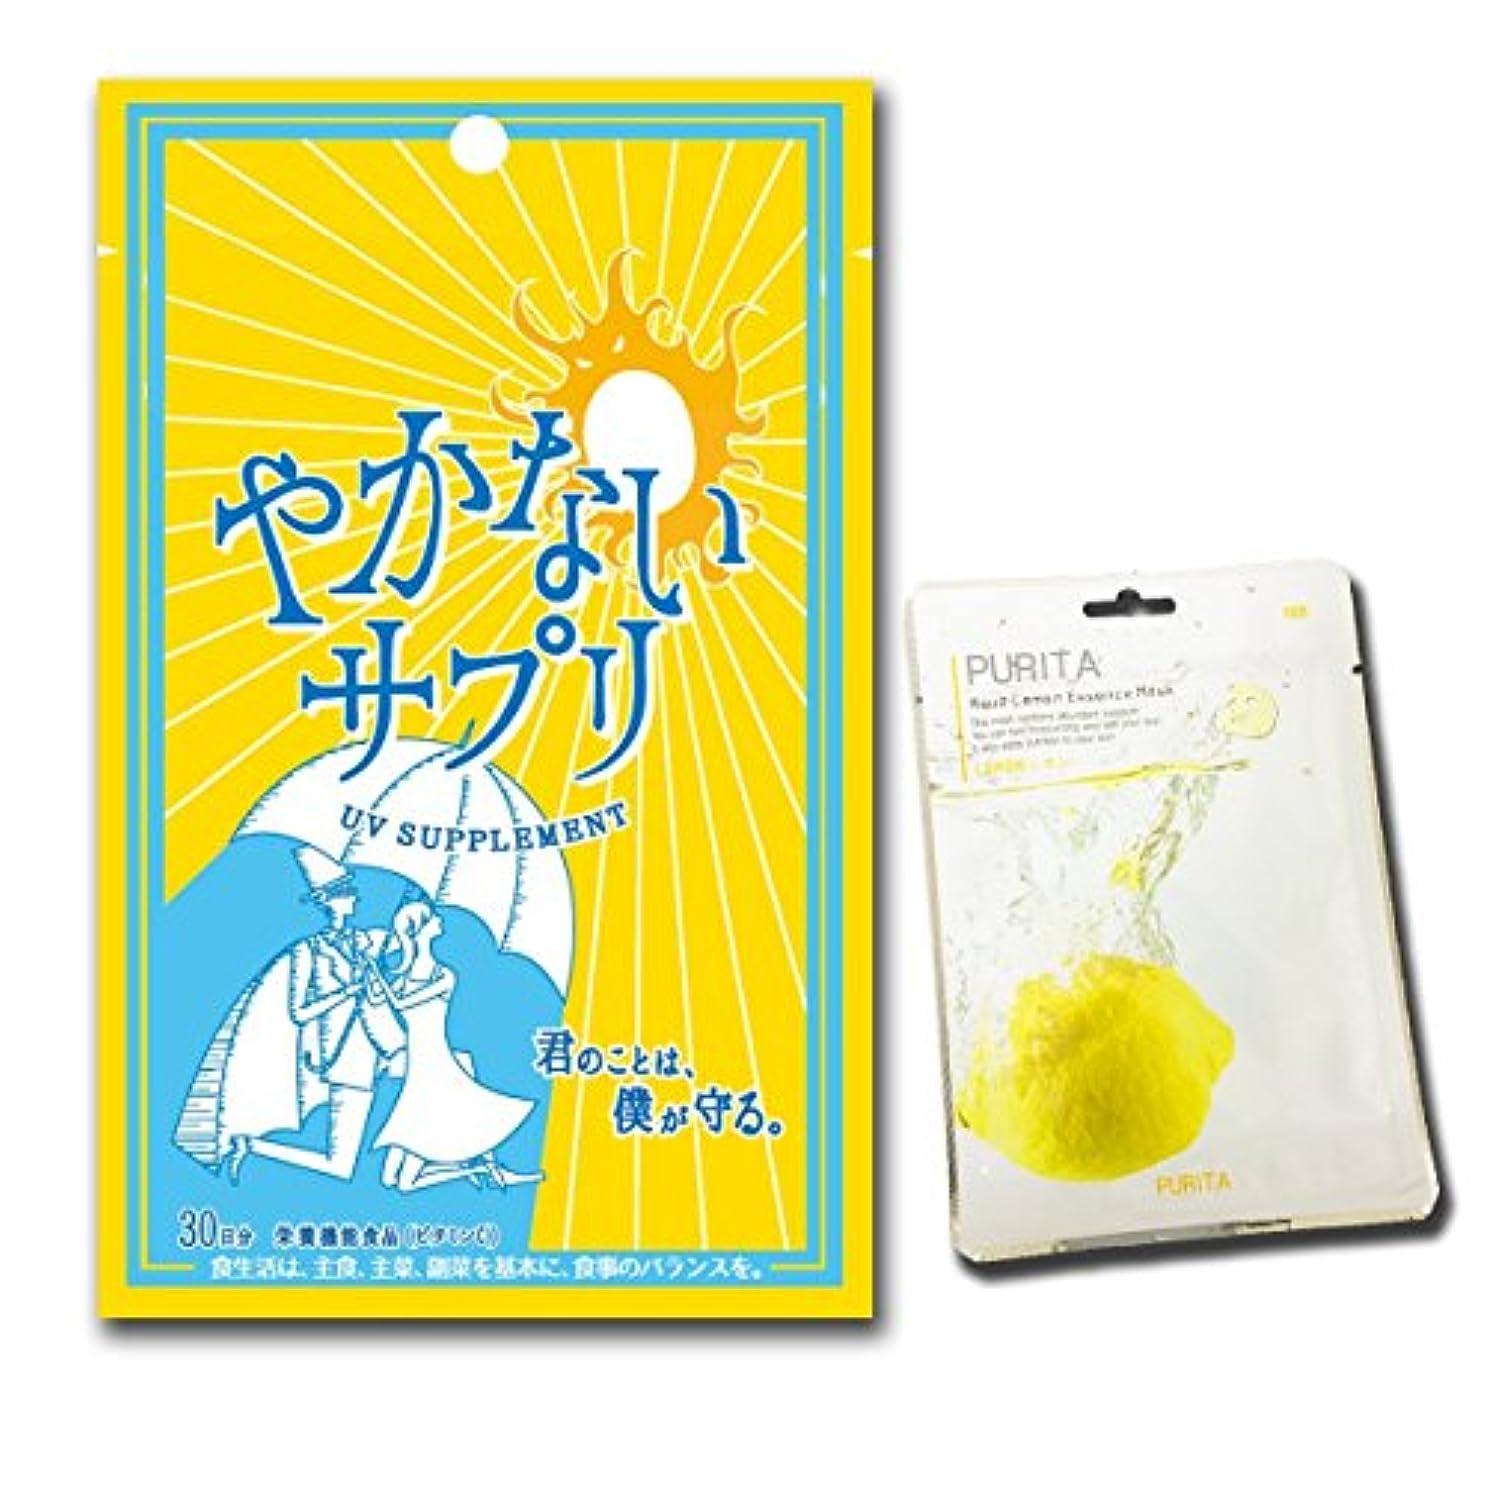 告白する市長道路飲む日焼け止め やかないサプリ 日本製 (30粒/30日分) PURITAフェイスマスク1枚付